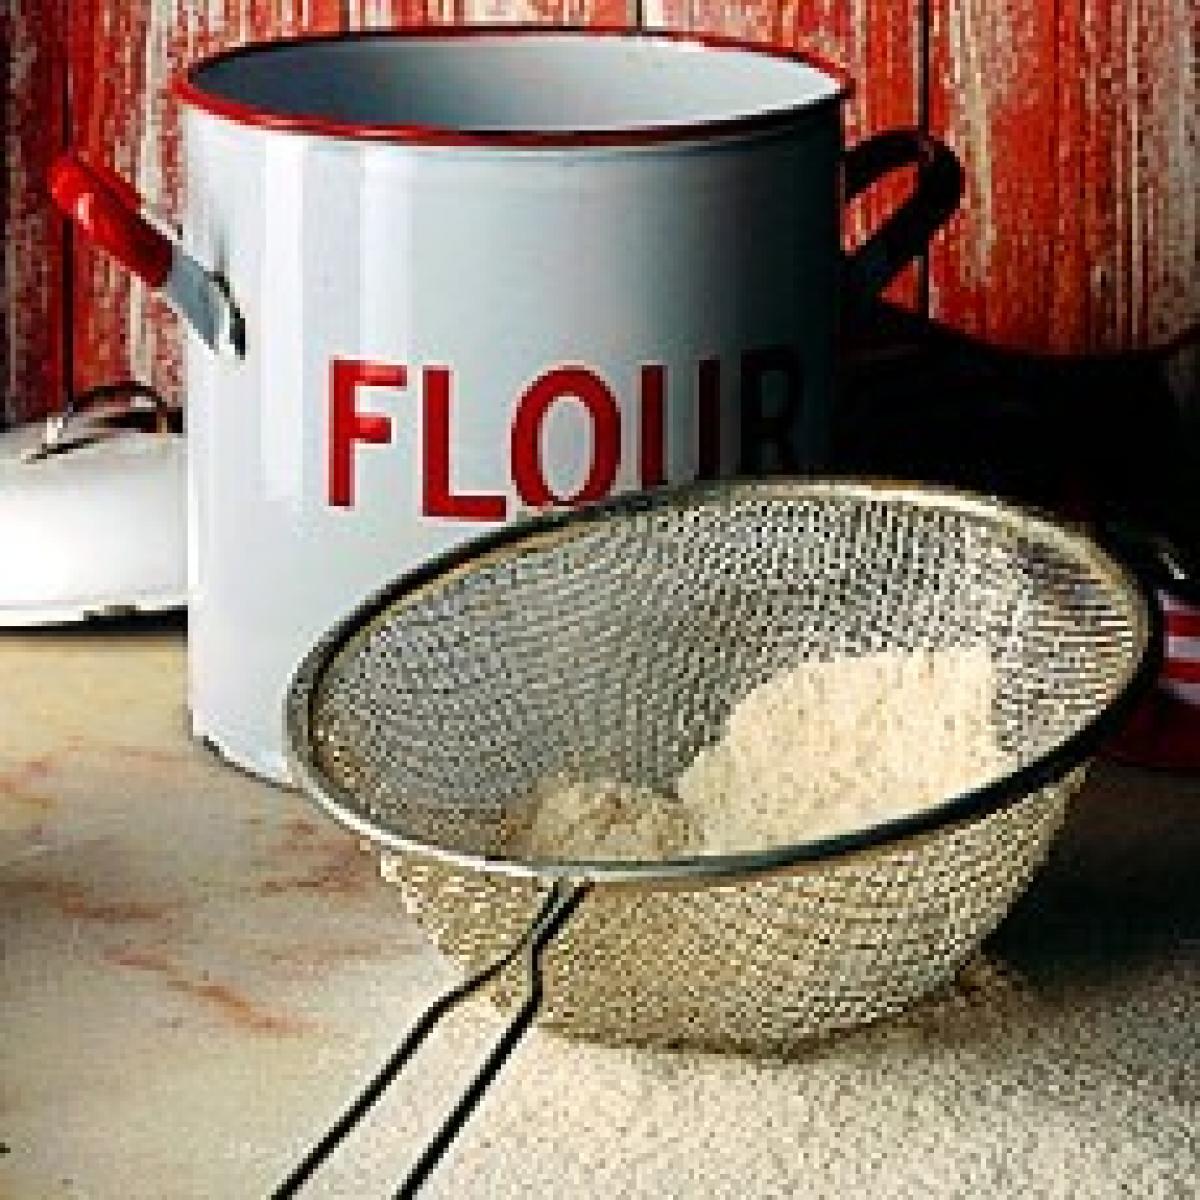 Flour 19467